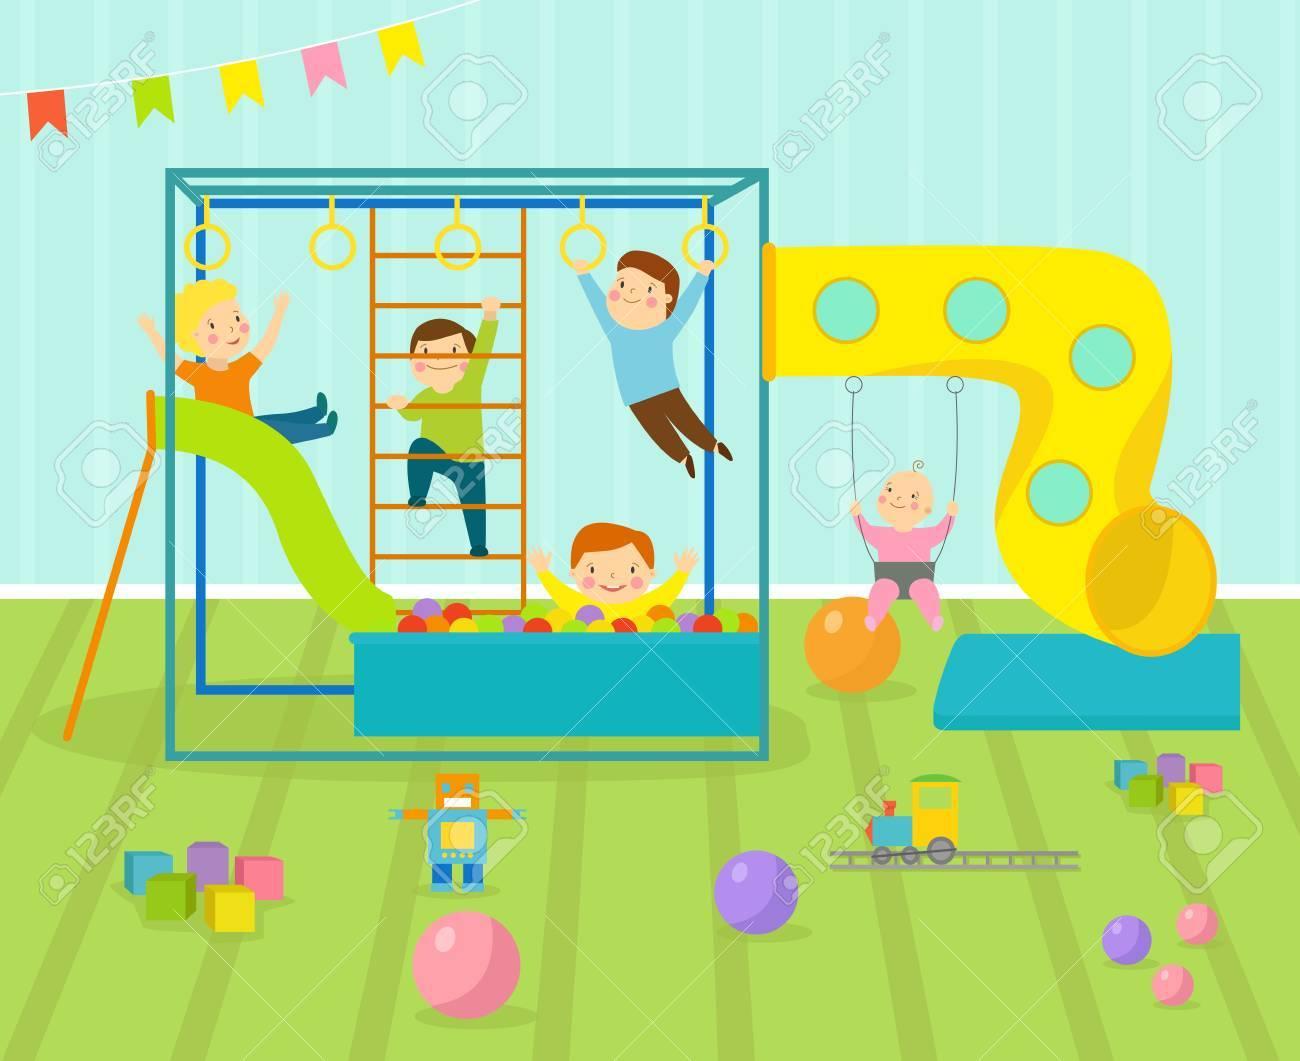 De Style Meubles Et Décoration Légers Jeux Salle Animé Le Plat Dessin Avec Jouets Enfants Tapis Sol Sur Pour zMpLqSGUV